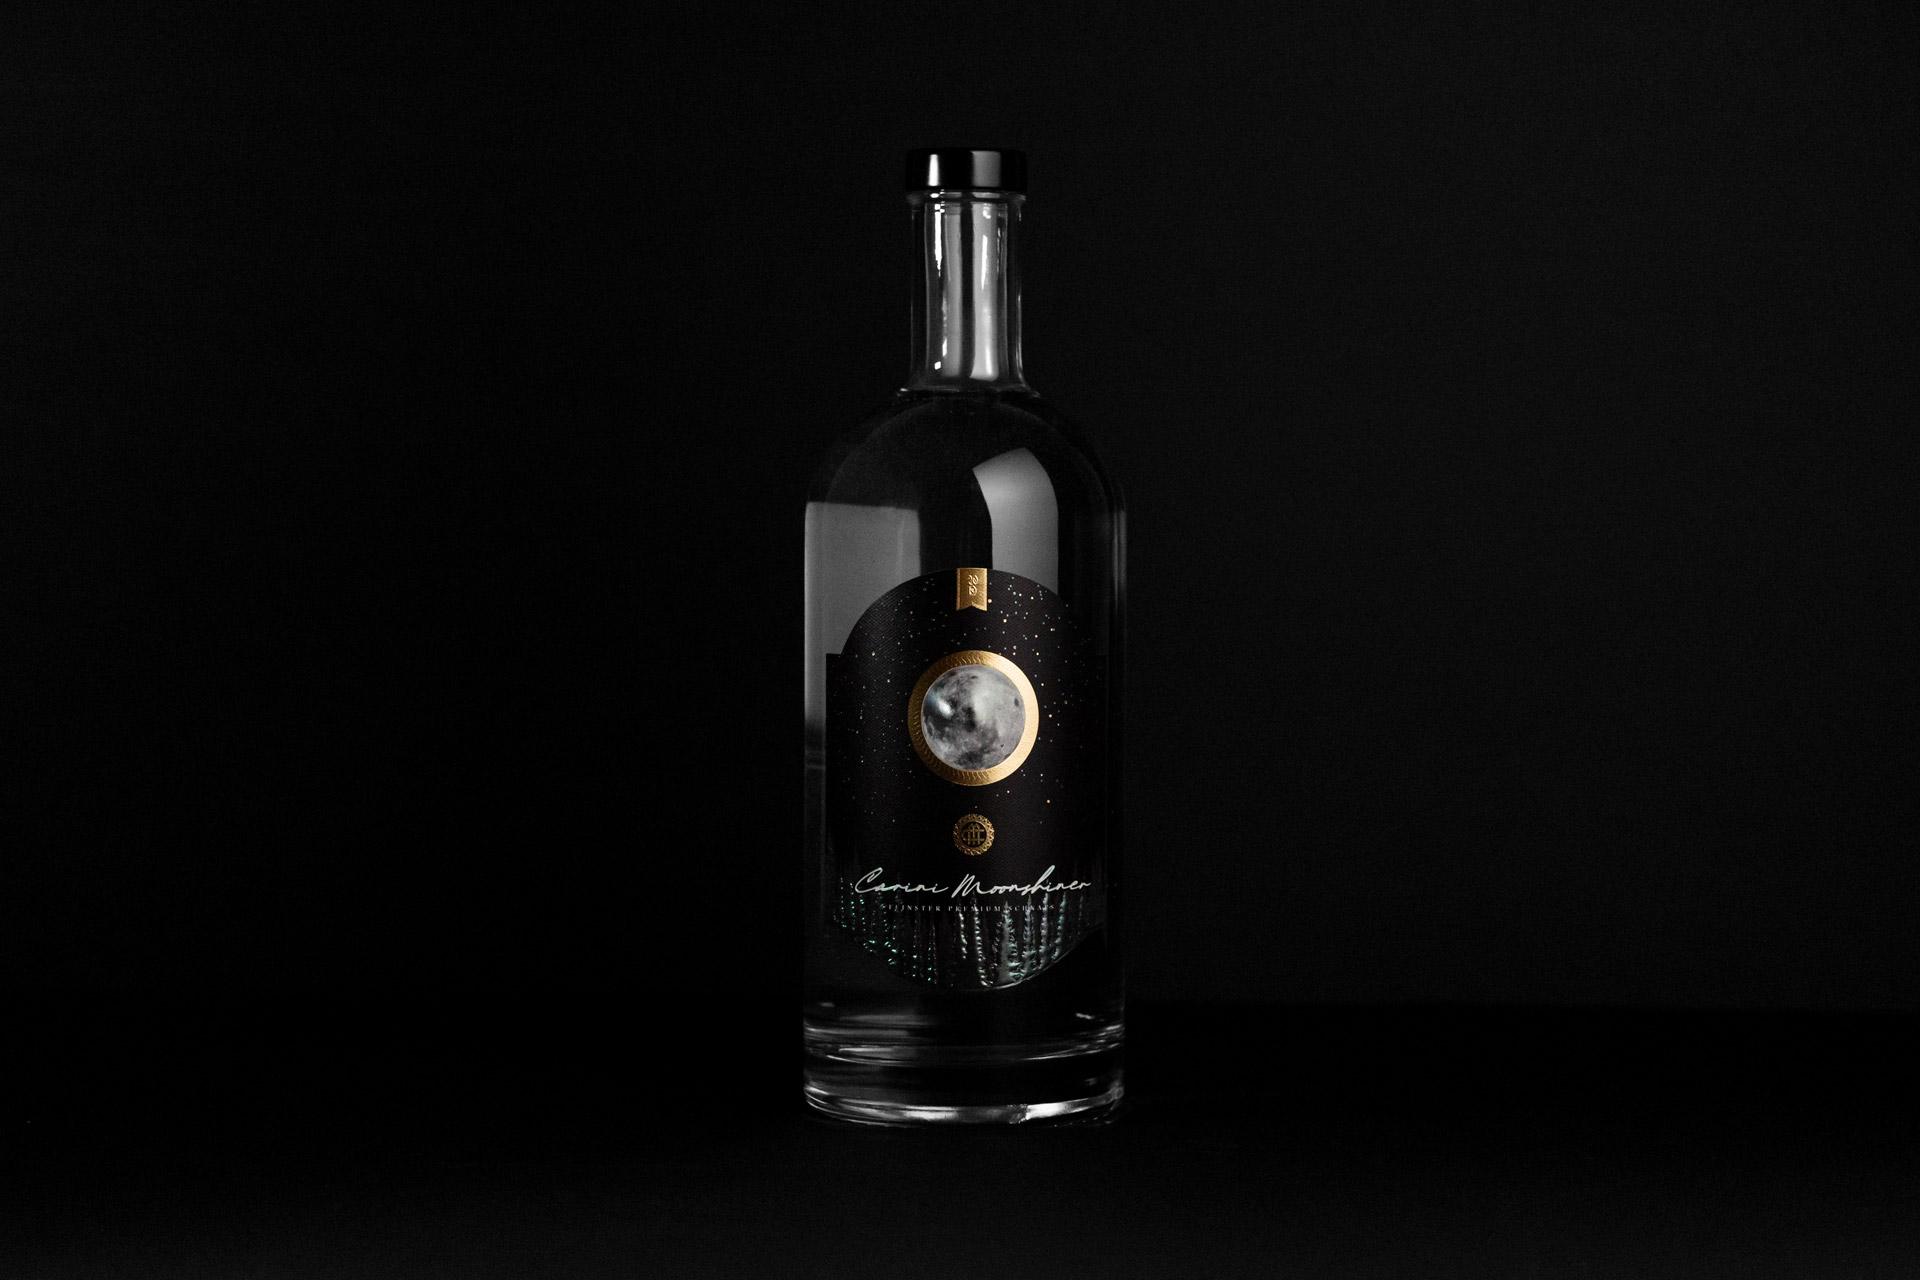 Carini Moonshiner, Etikettendesign auf Flasche, Bernhard Hafele, Vincent Hehle, viergestalten